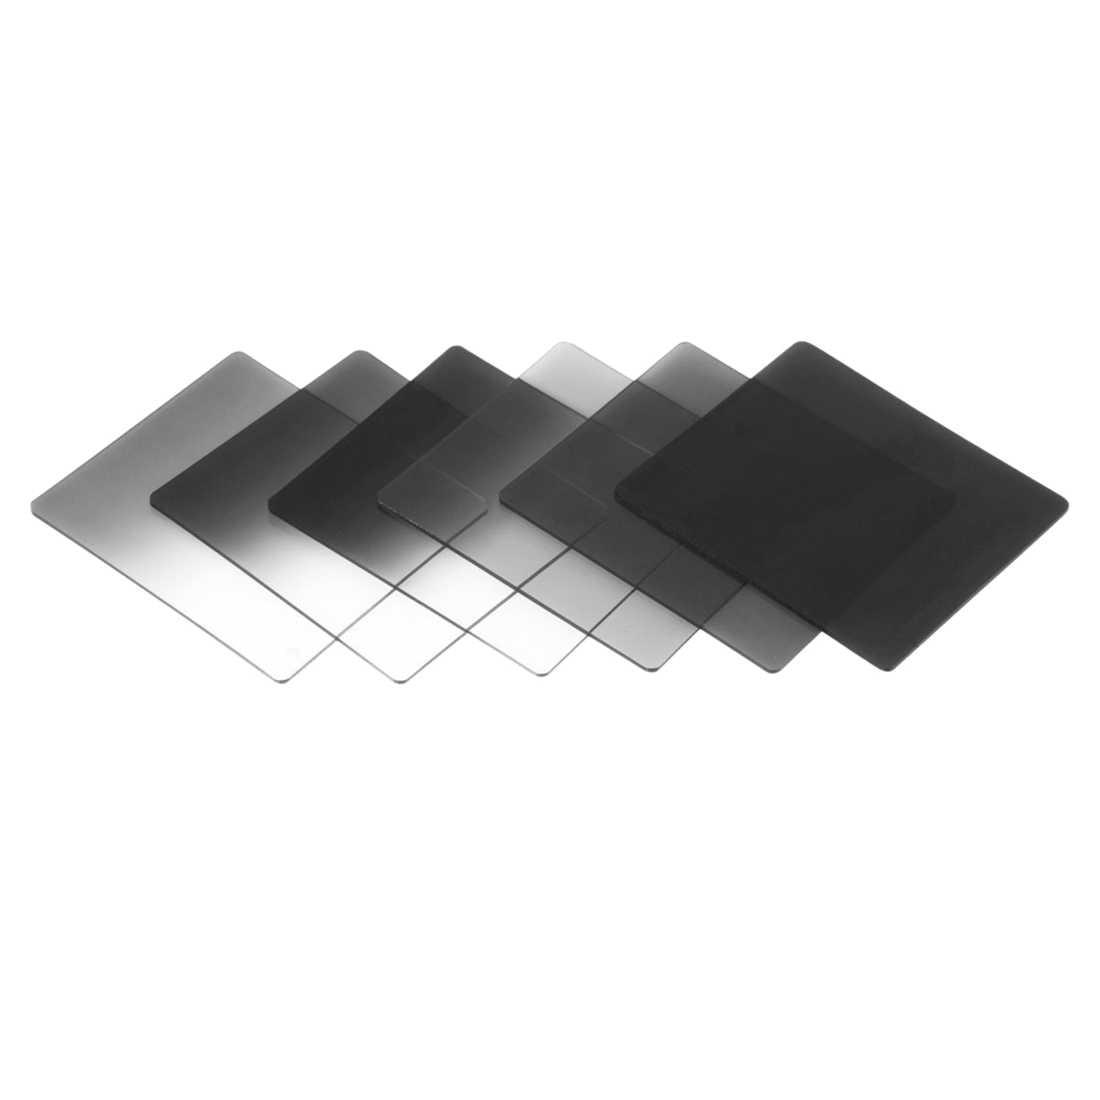 1 ชุดกรอง + แหวนอะแดปเตอร์สำหรับ Cokin P Series LF142, 6pcs ตัวกรอง ND + 6pcs Gradual ตัวกรองสี + 9pcs แหวนอะแดปเตอร์